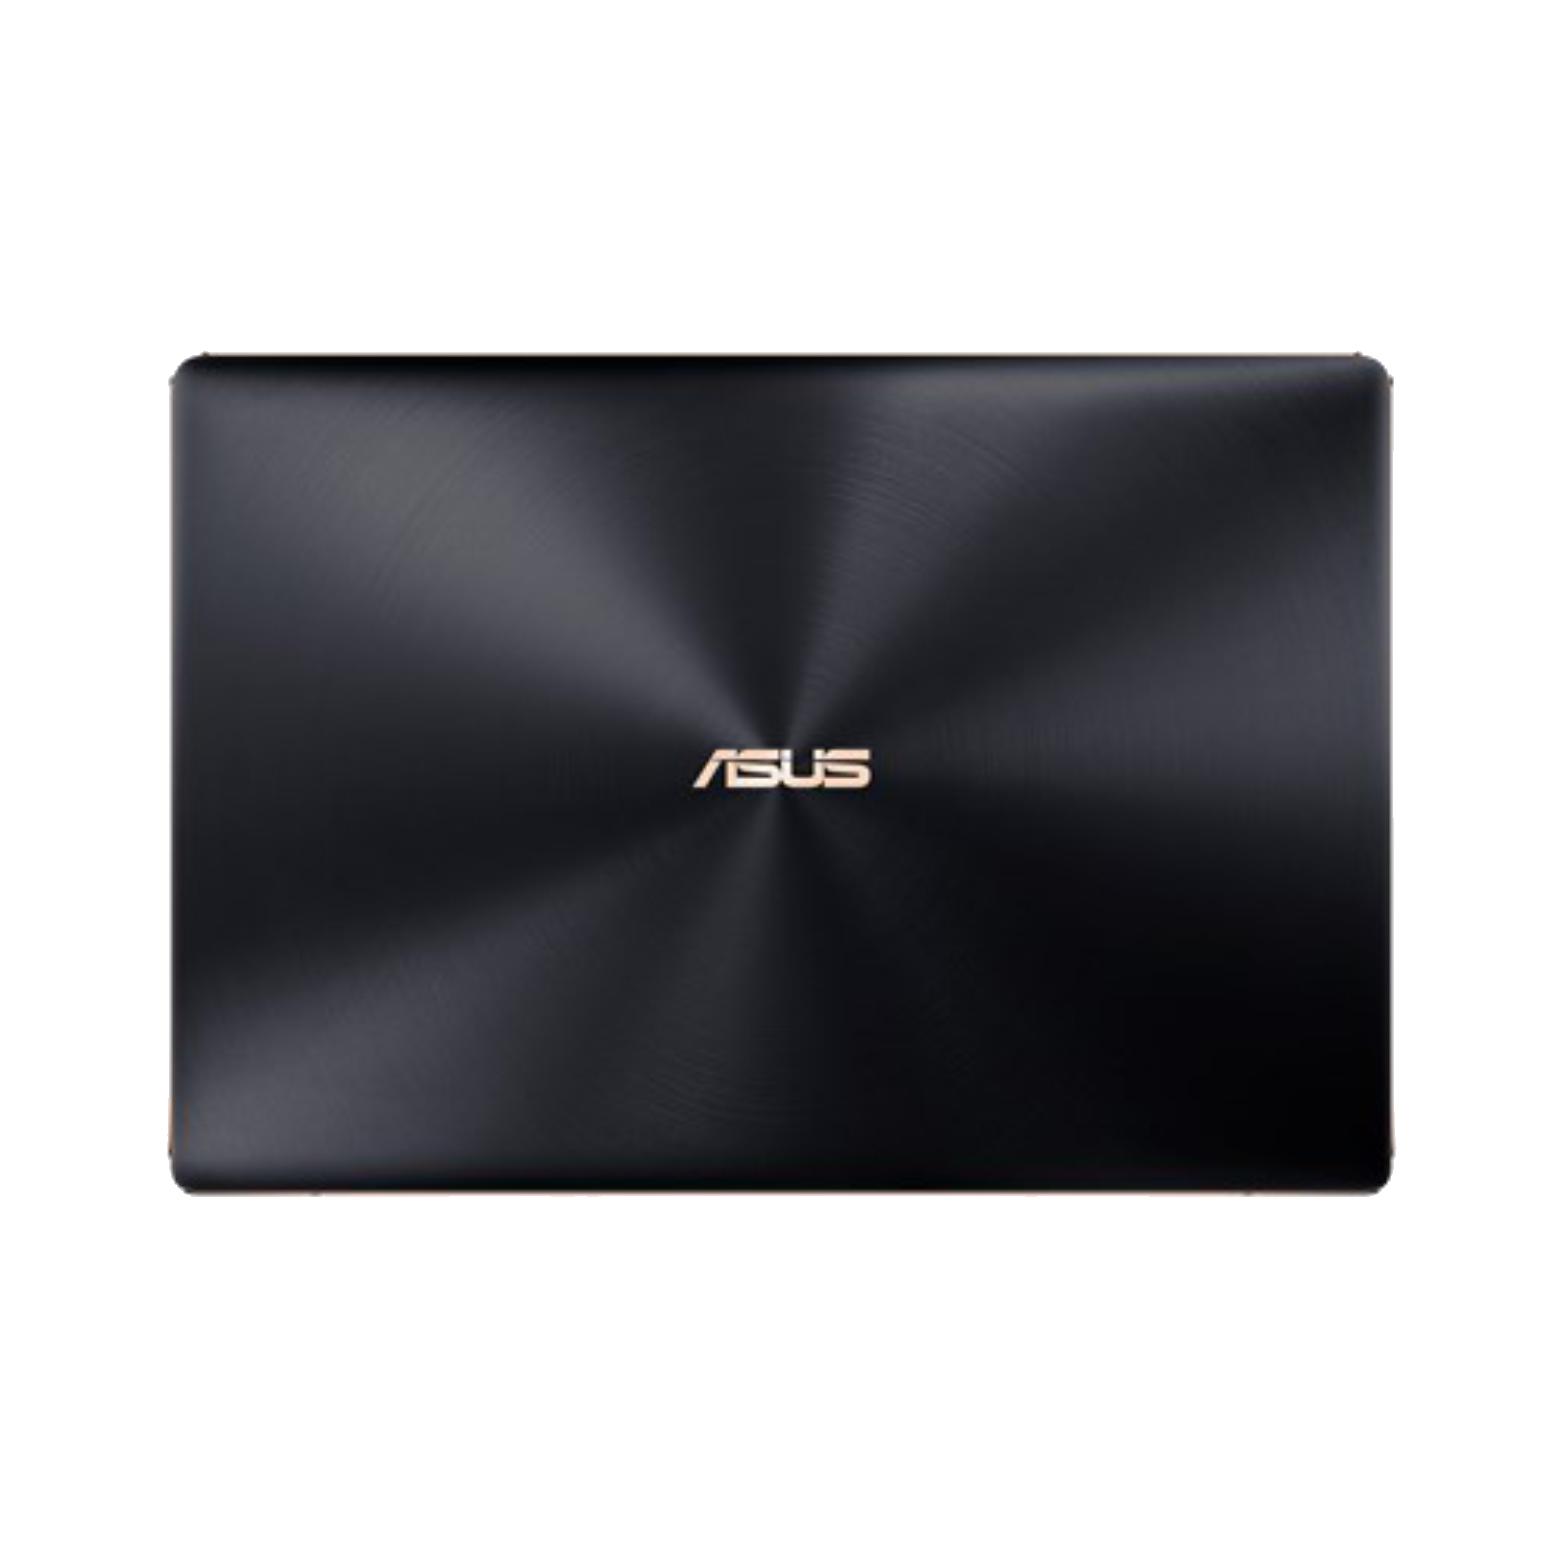 ASUS-ZenBook-7